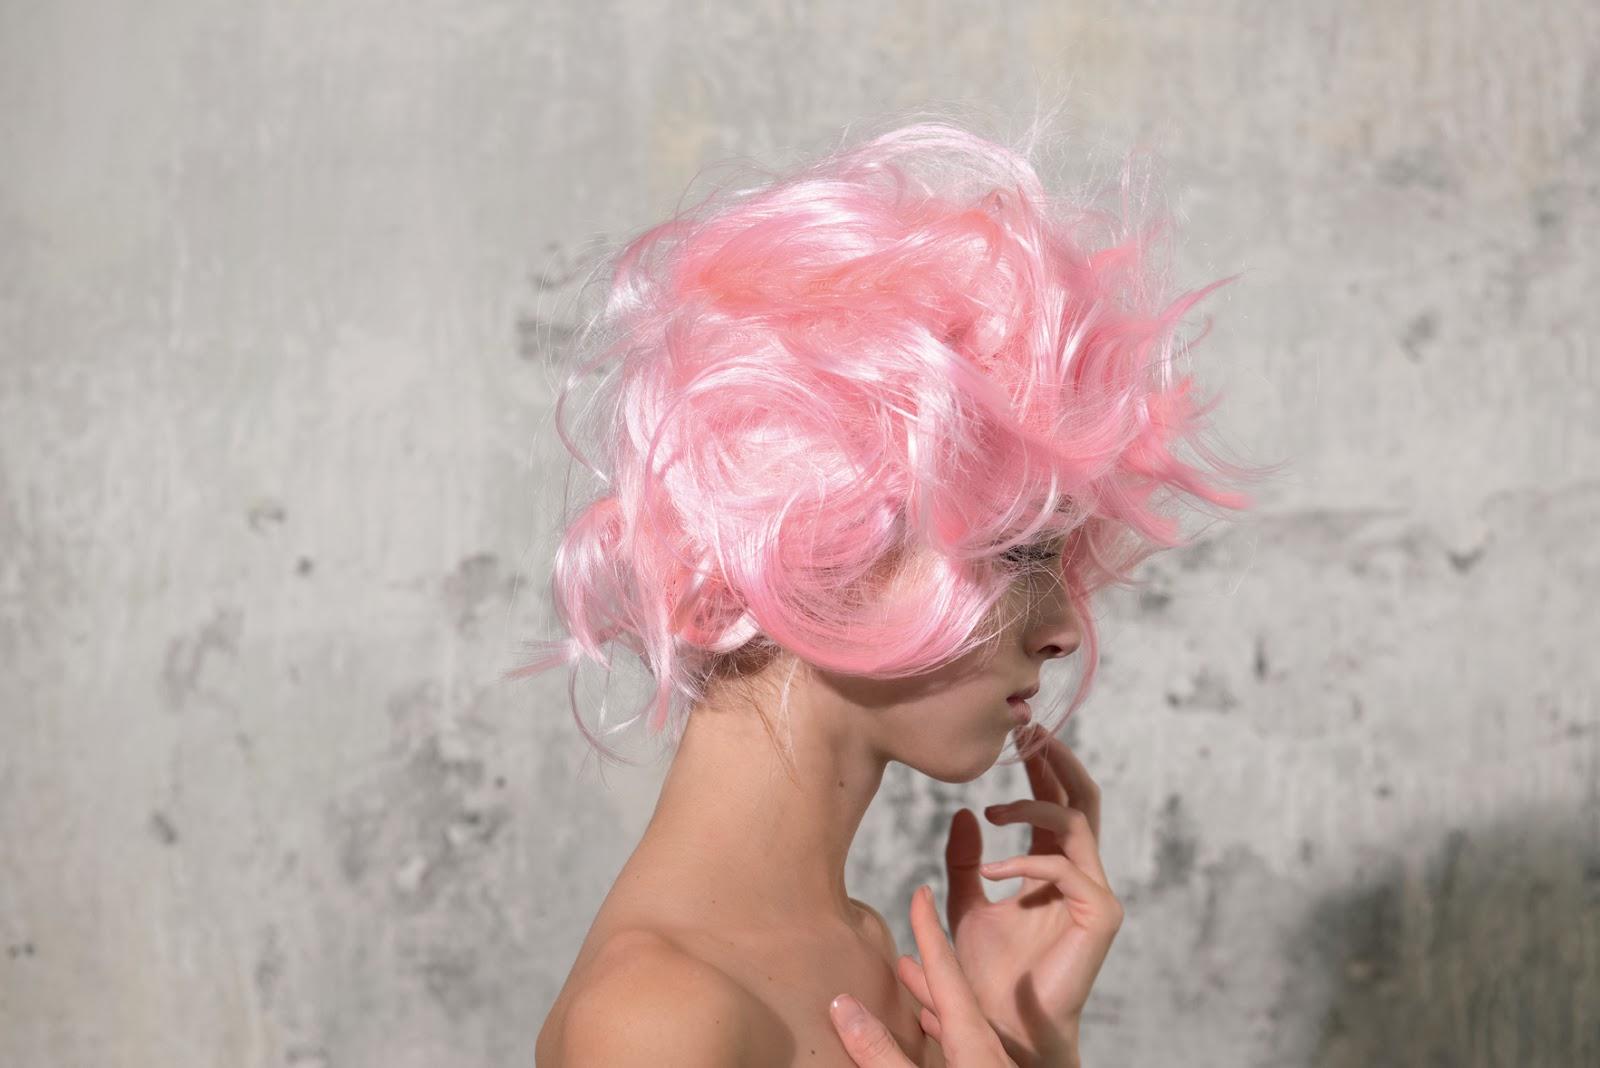 Capelli rosa by Olivier De Vriendt @ Mod's Hair